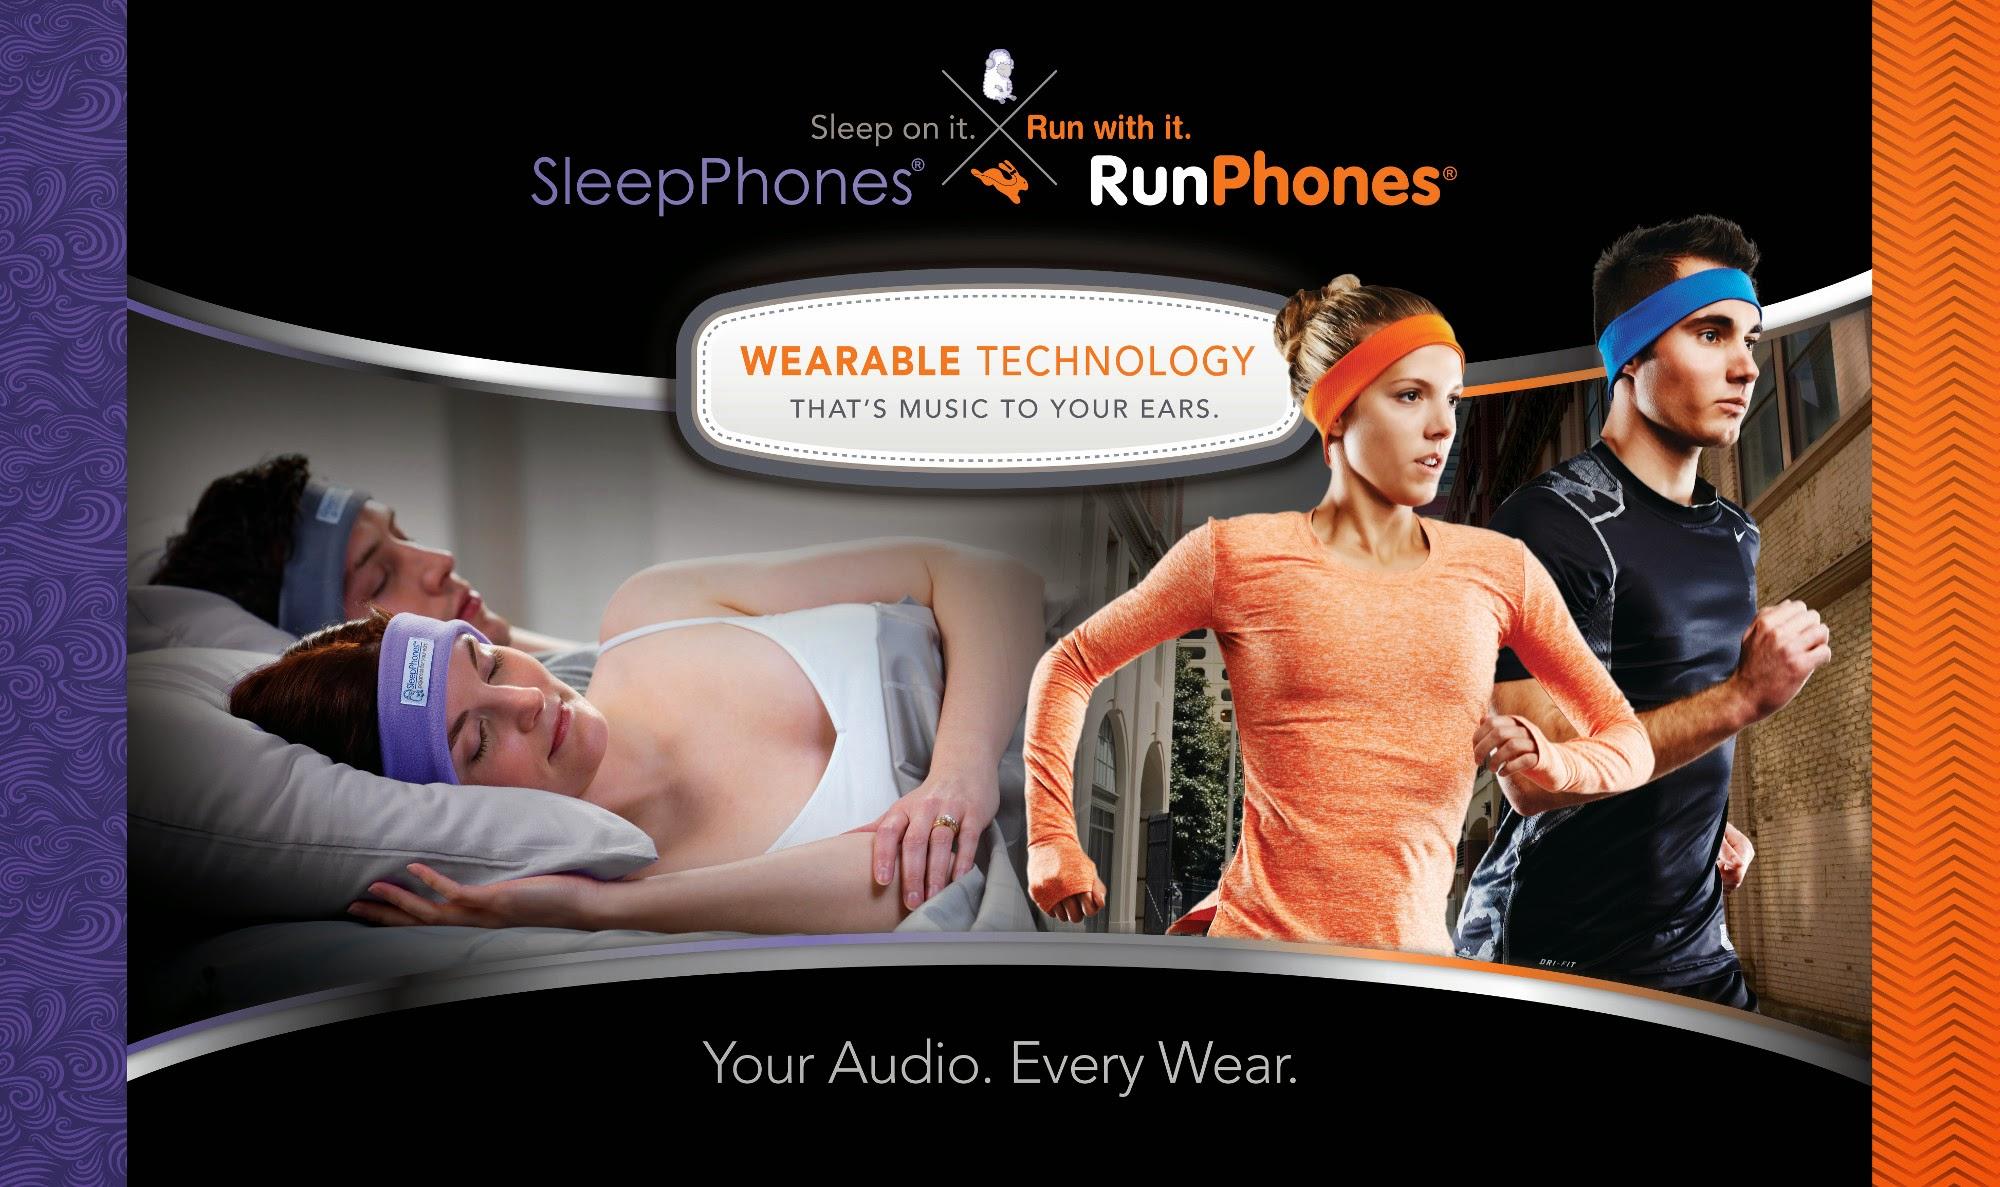 AcousticSheep-SleepPhones-RunPhones